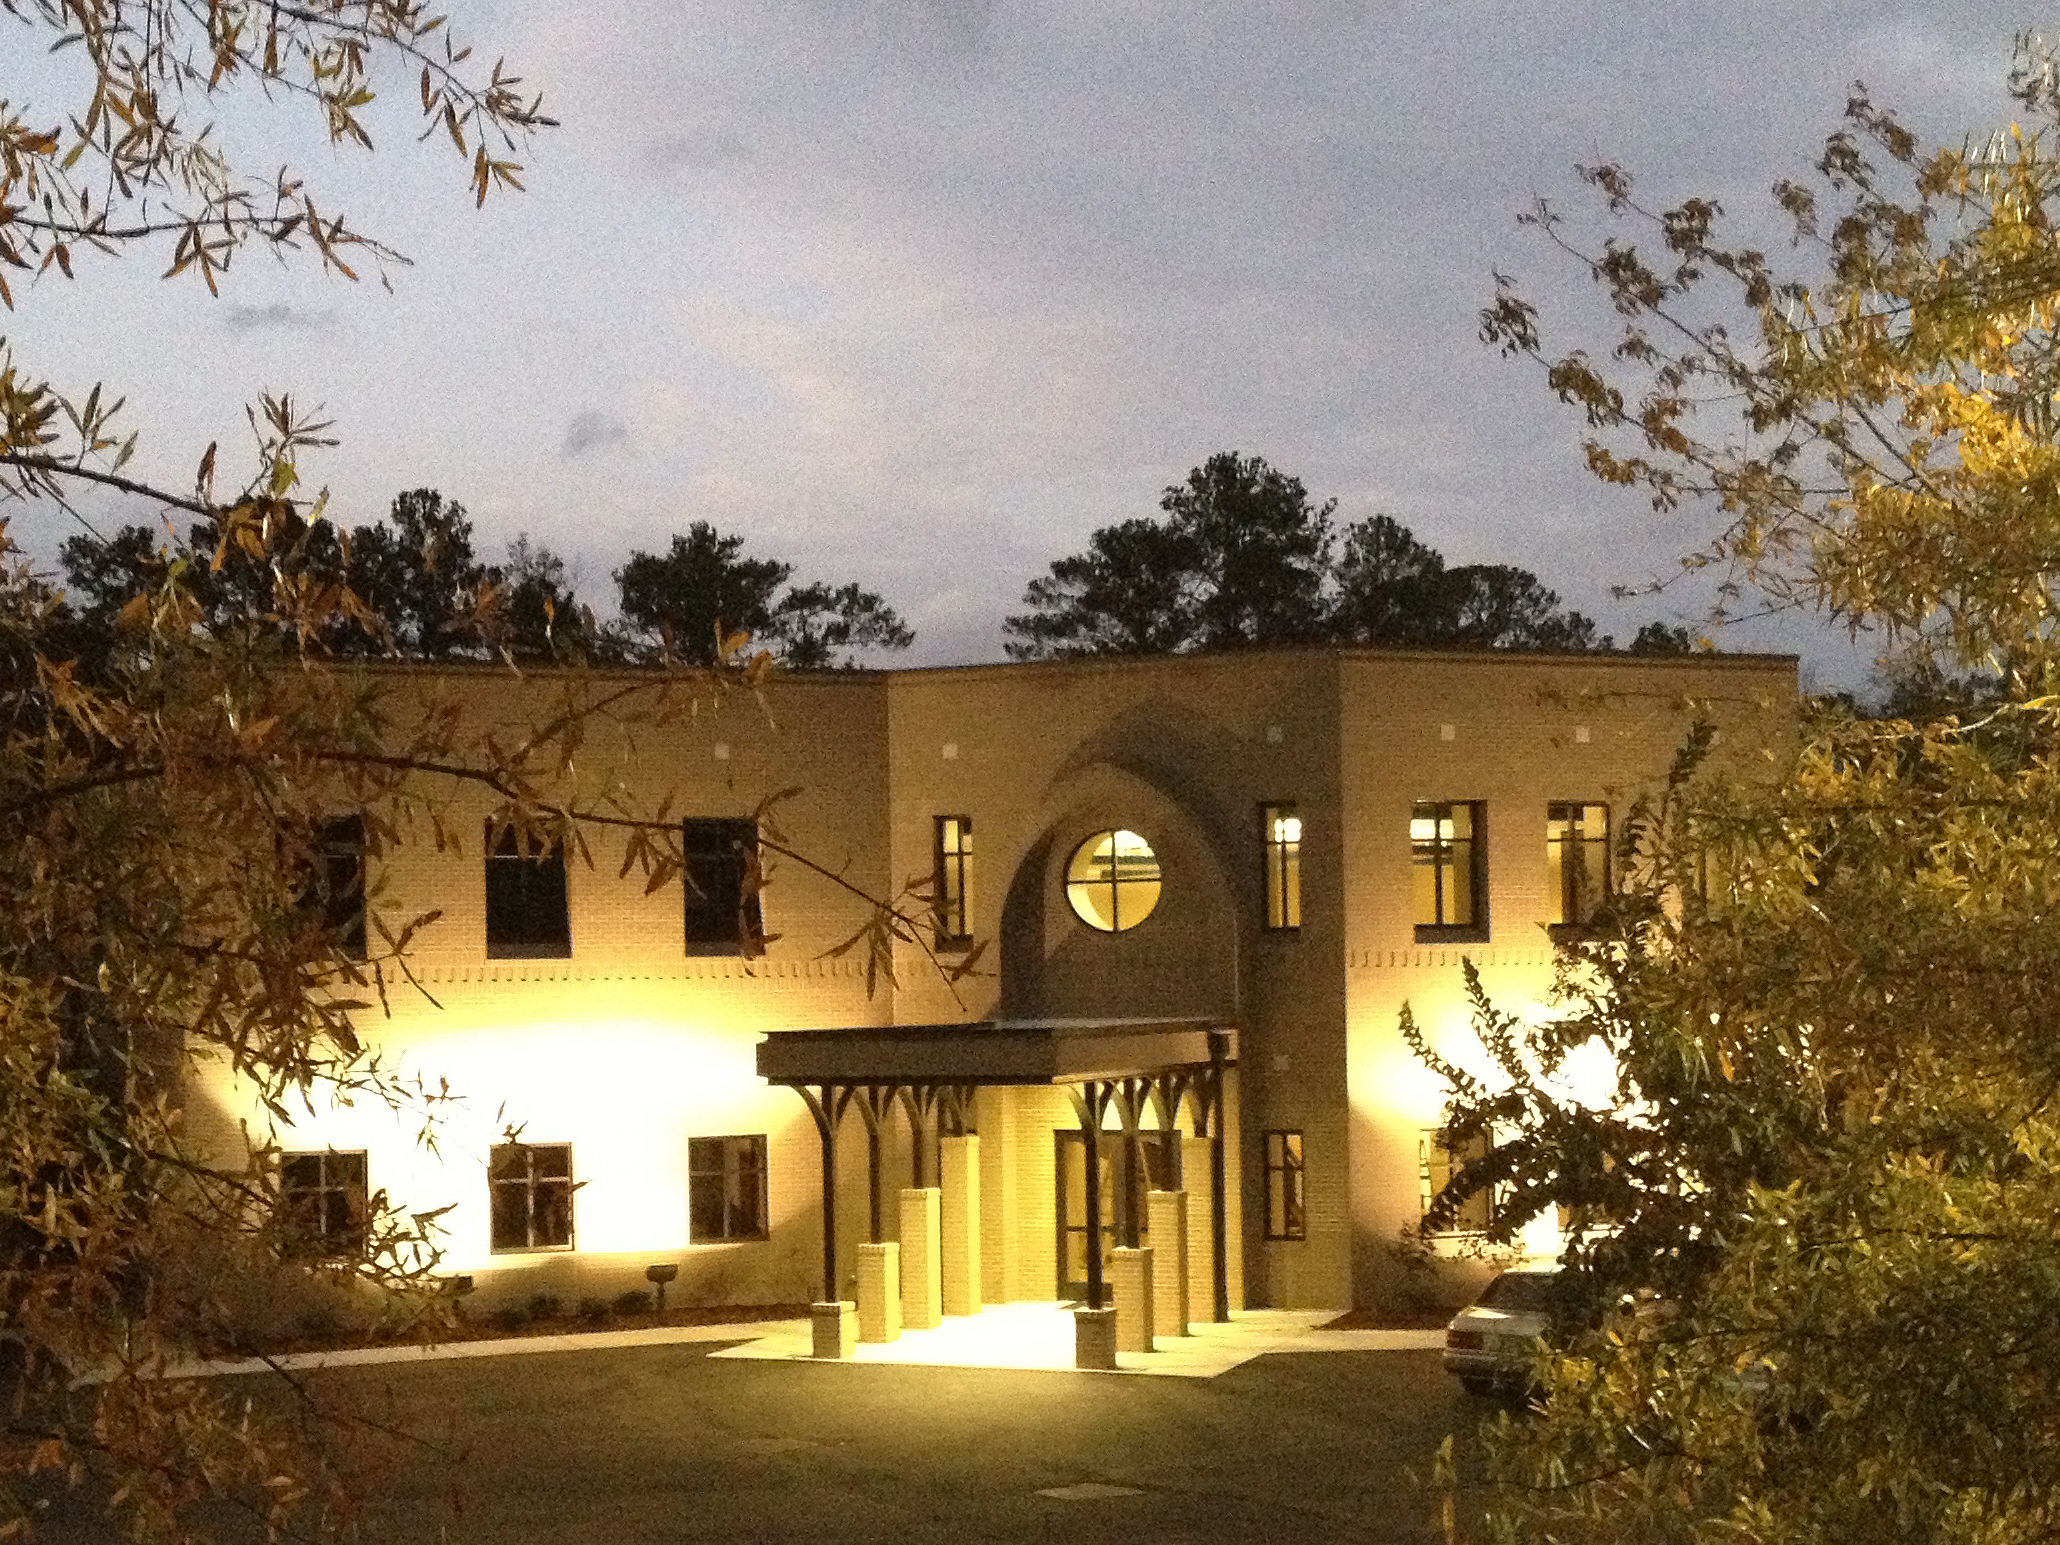 Children's Education Building